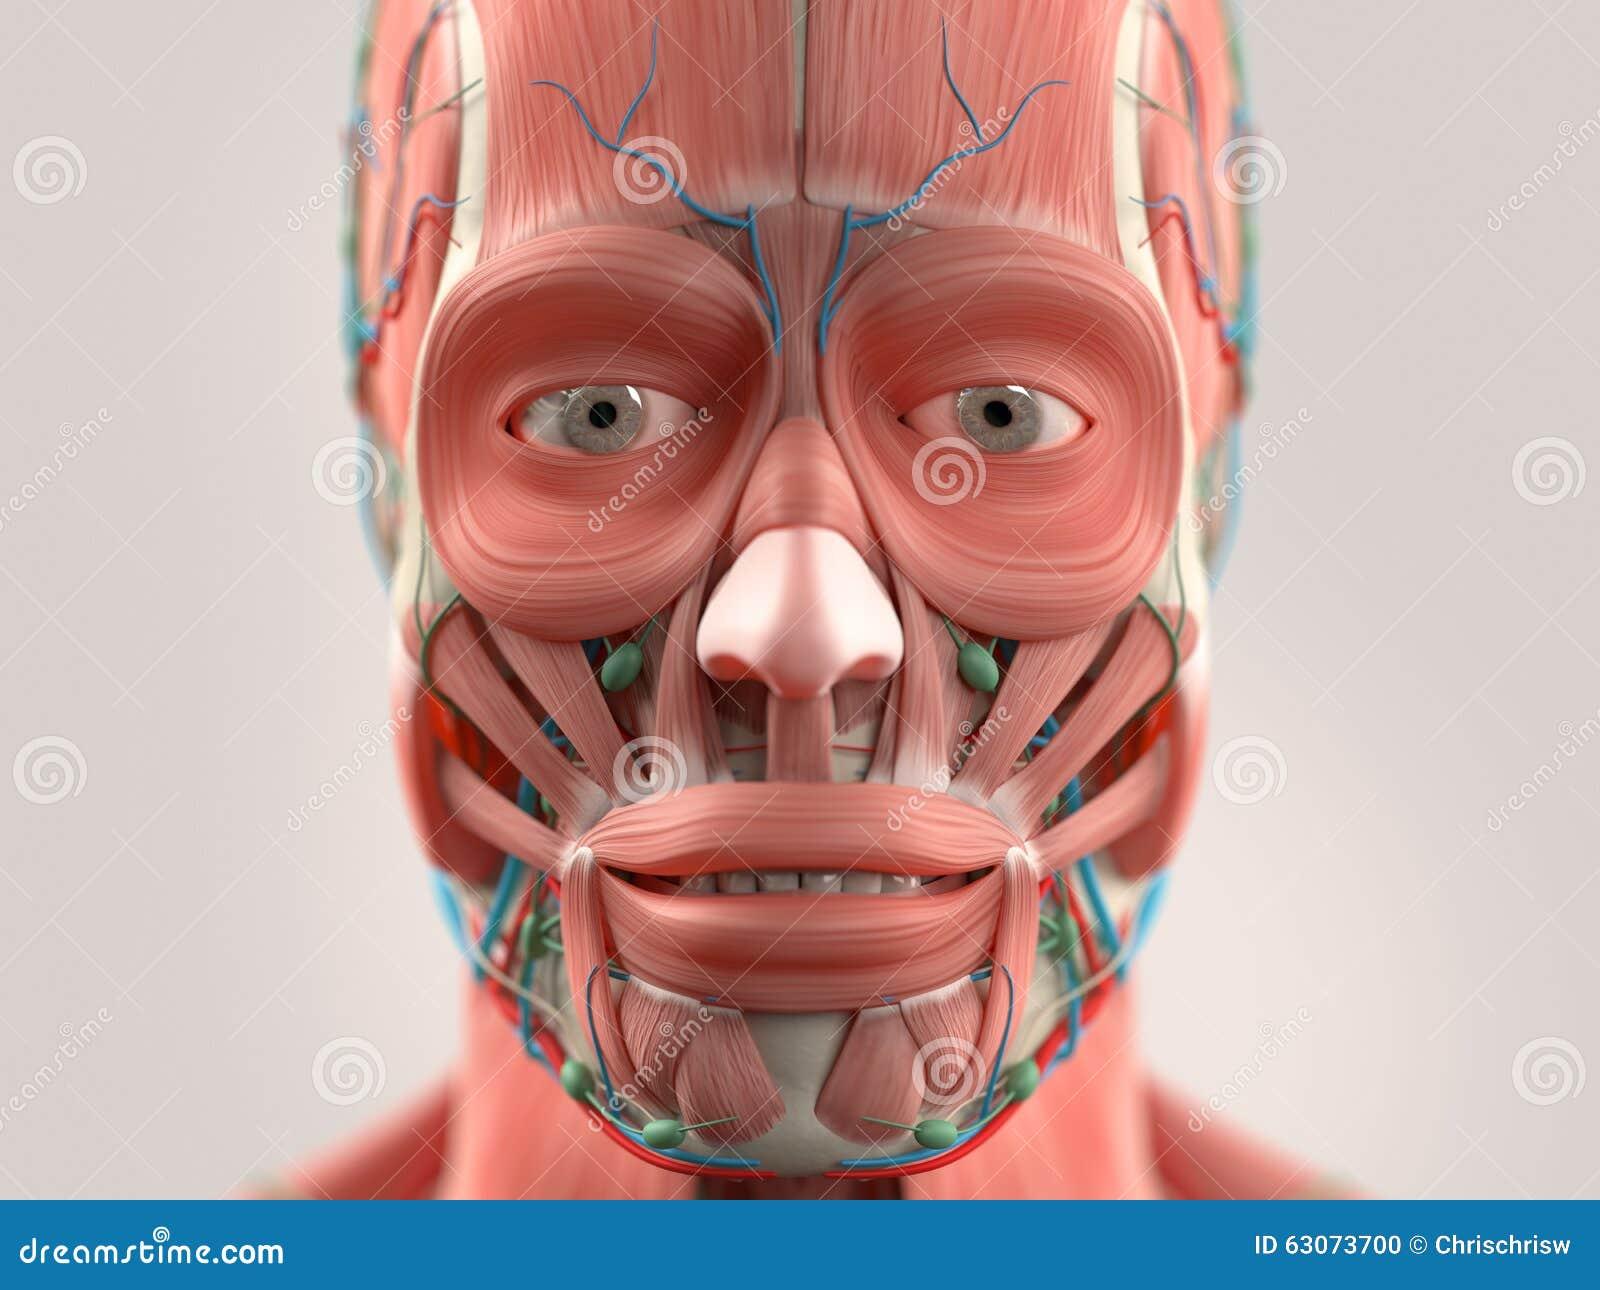 Menschliche Anatomie, Die Kopf, Augen, Nase, Gesicht Zeigt Auf ...